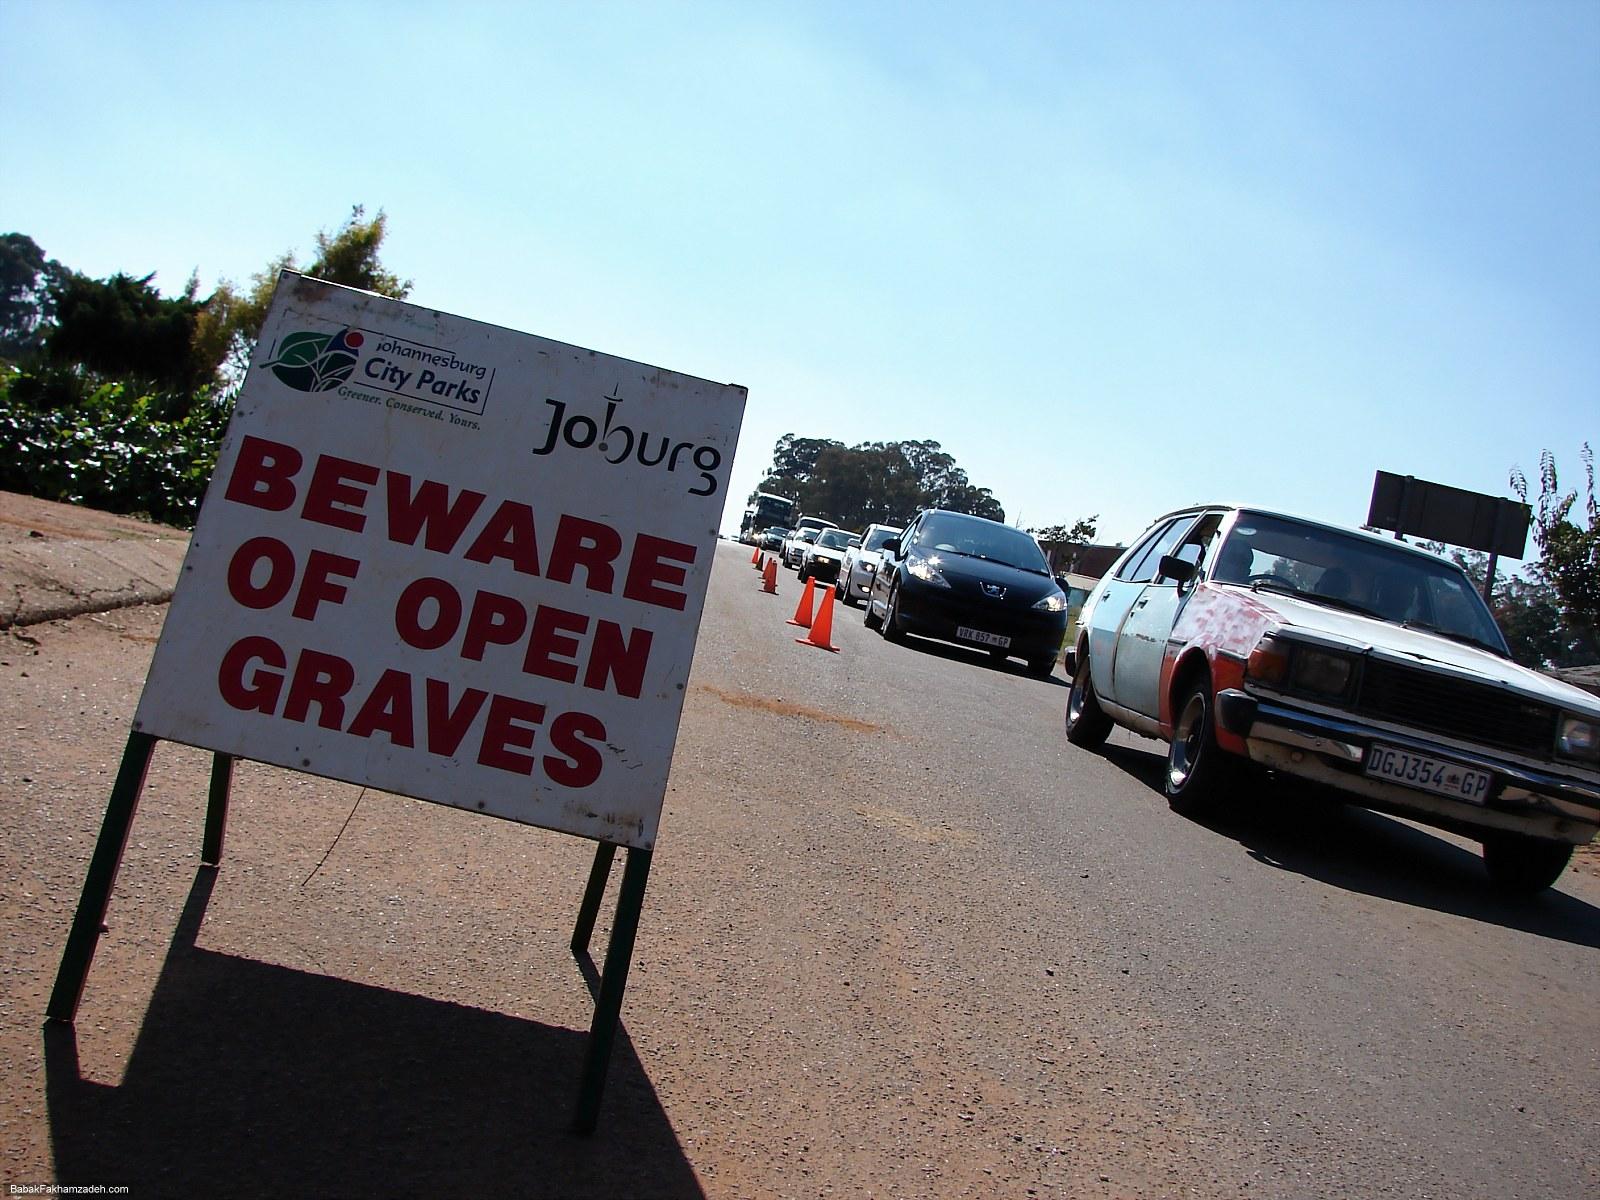 Beware of open graves